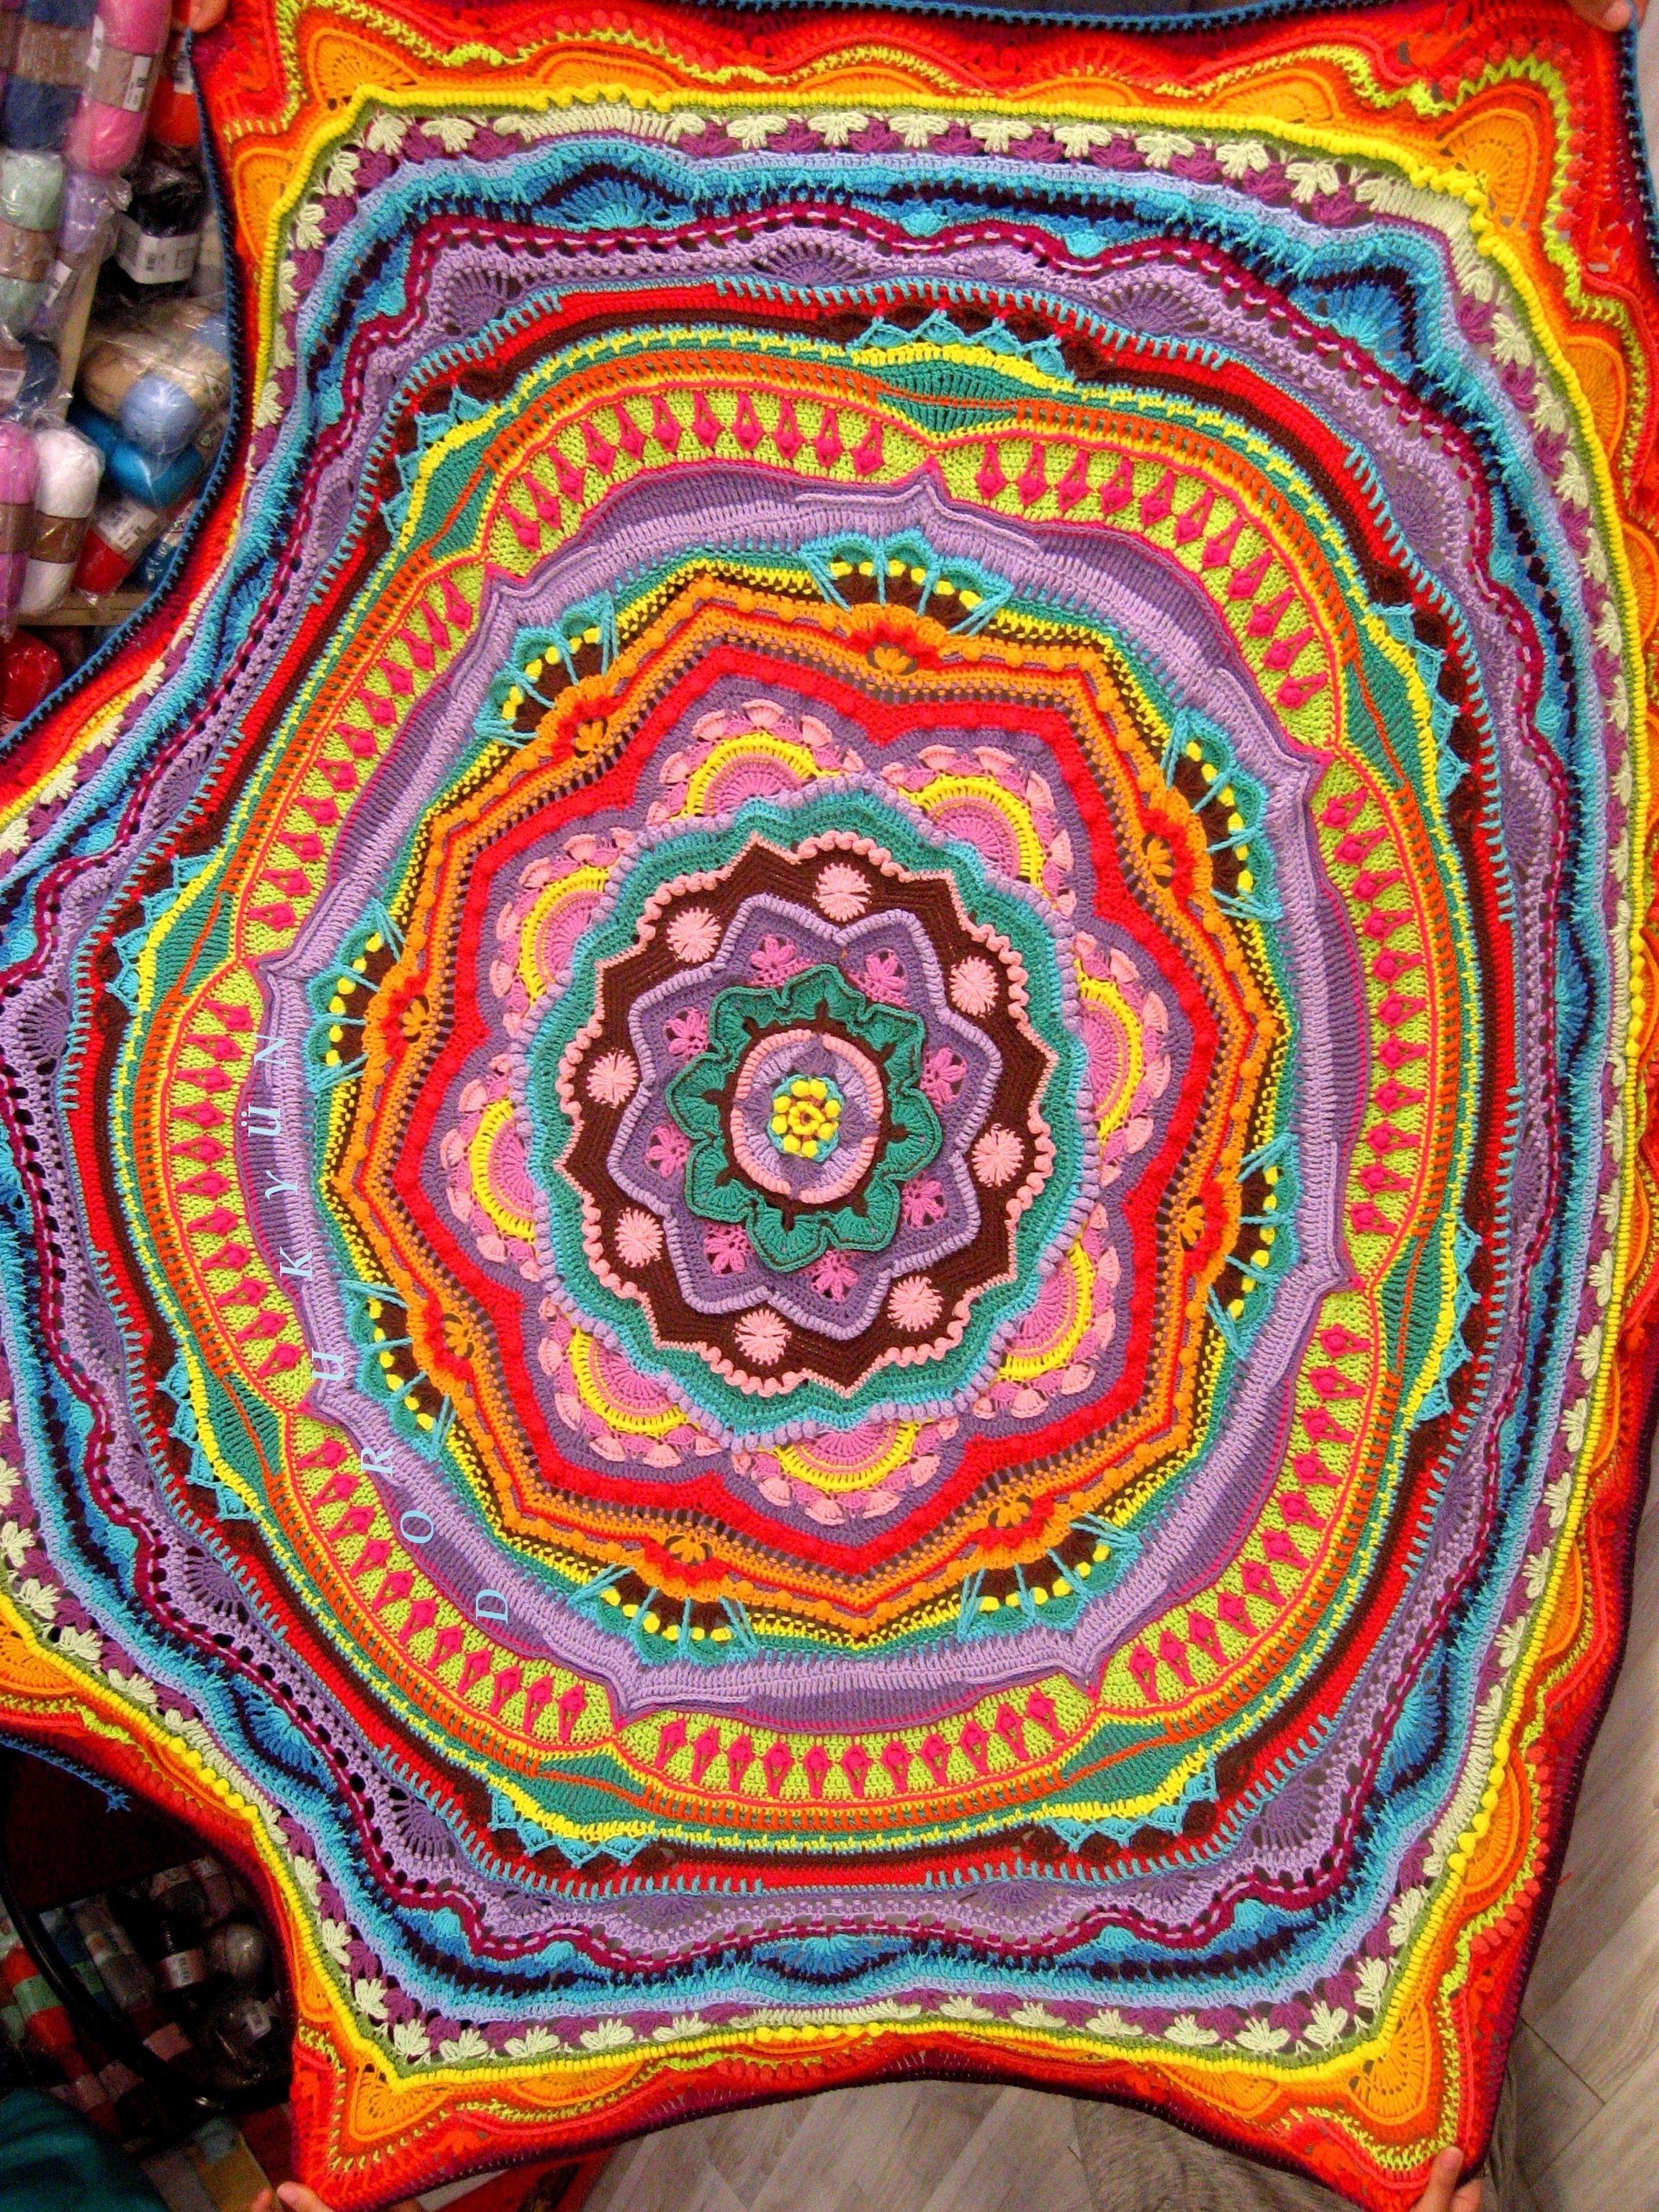 Alize Cotton Gold Ile Mandala Yatak Ortusu Fotograflari Gozden Geciriyorum Bu Mandalaya Gelince Takilip Kaliyorum Sevgili Nilgun U Ortuler Mandala Sevgililer